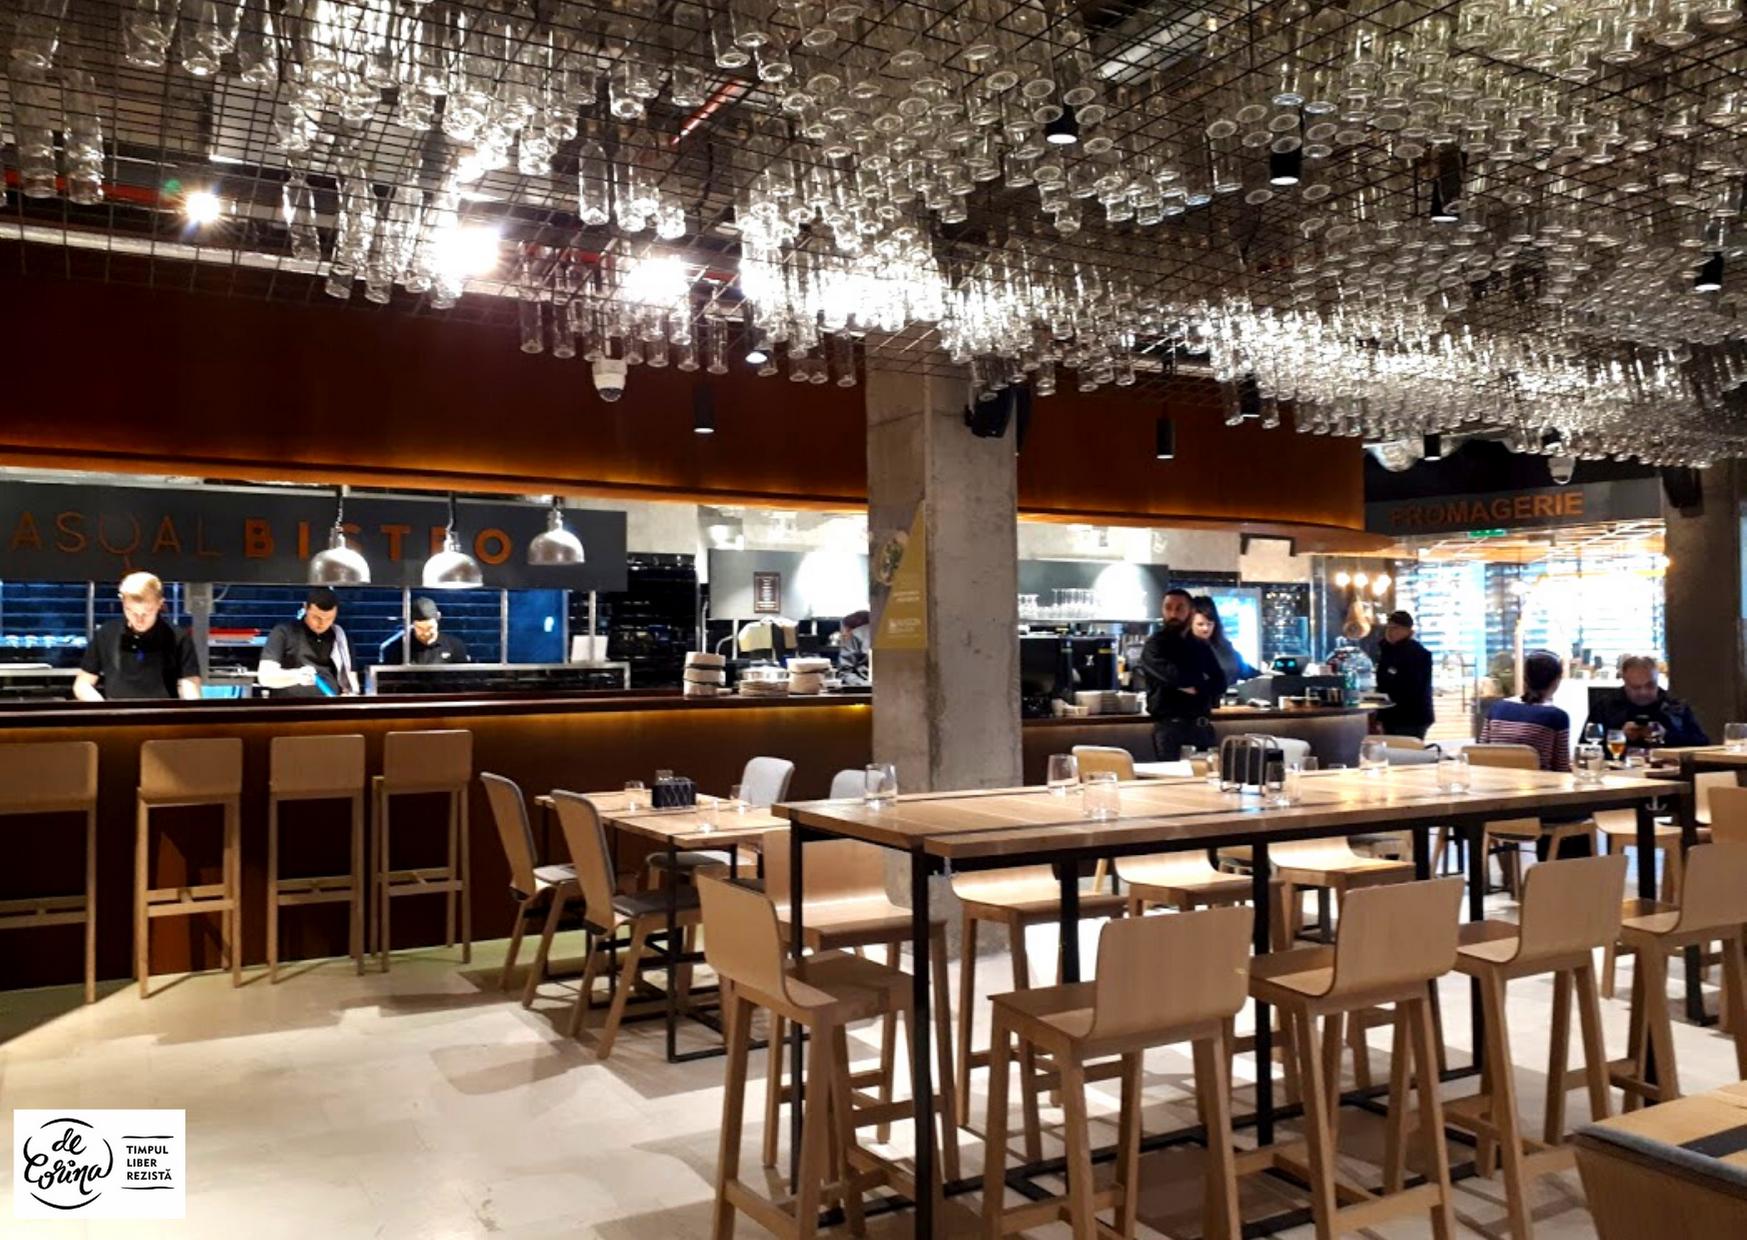 restaurant Maison Des Chefs bistro Mega-Image-concept-București-De-Corina-Blog